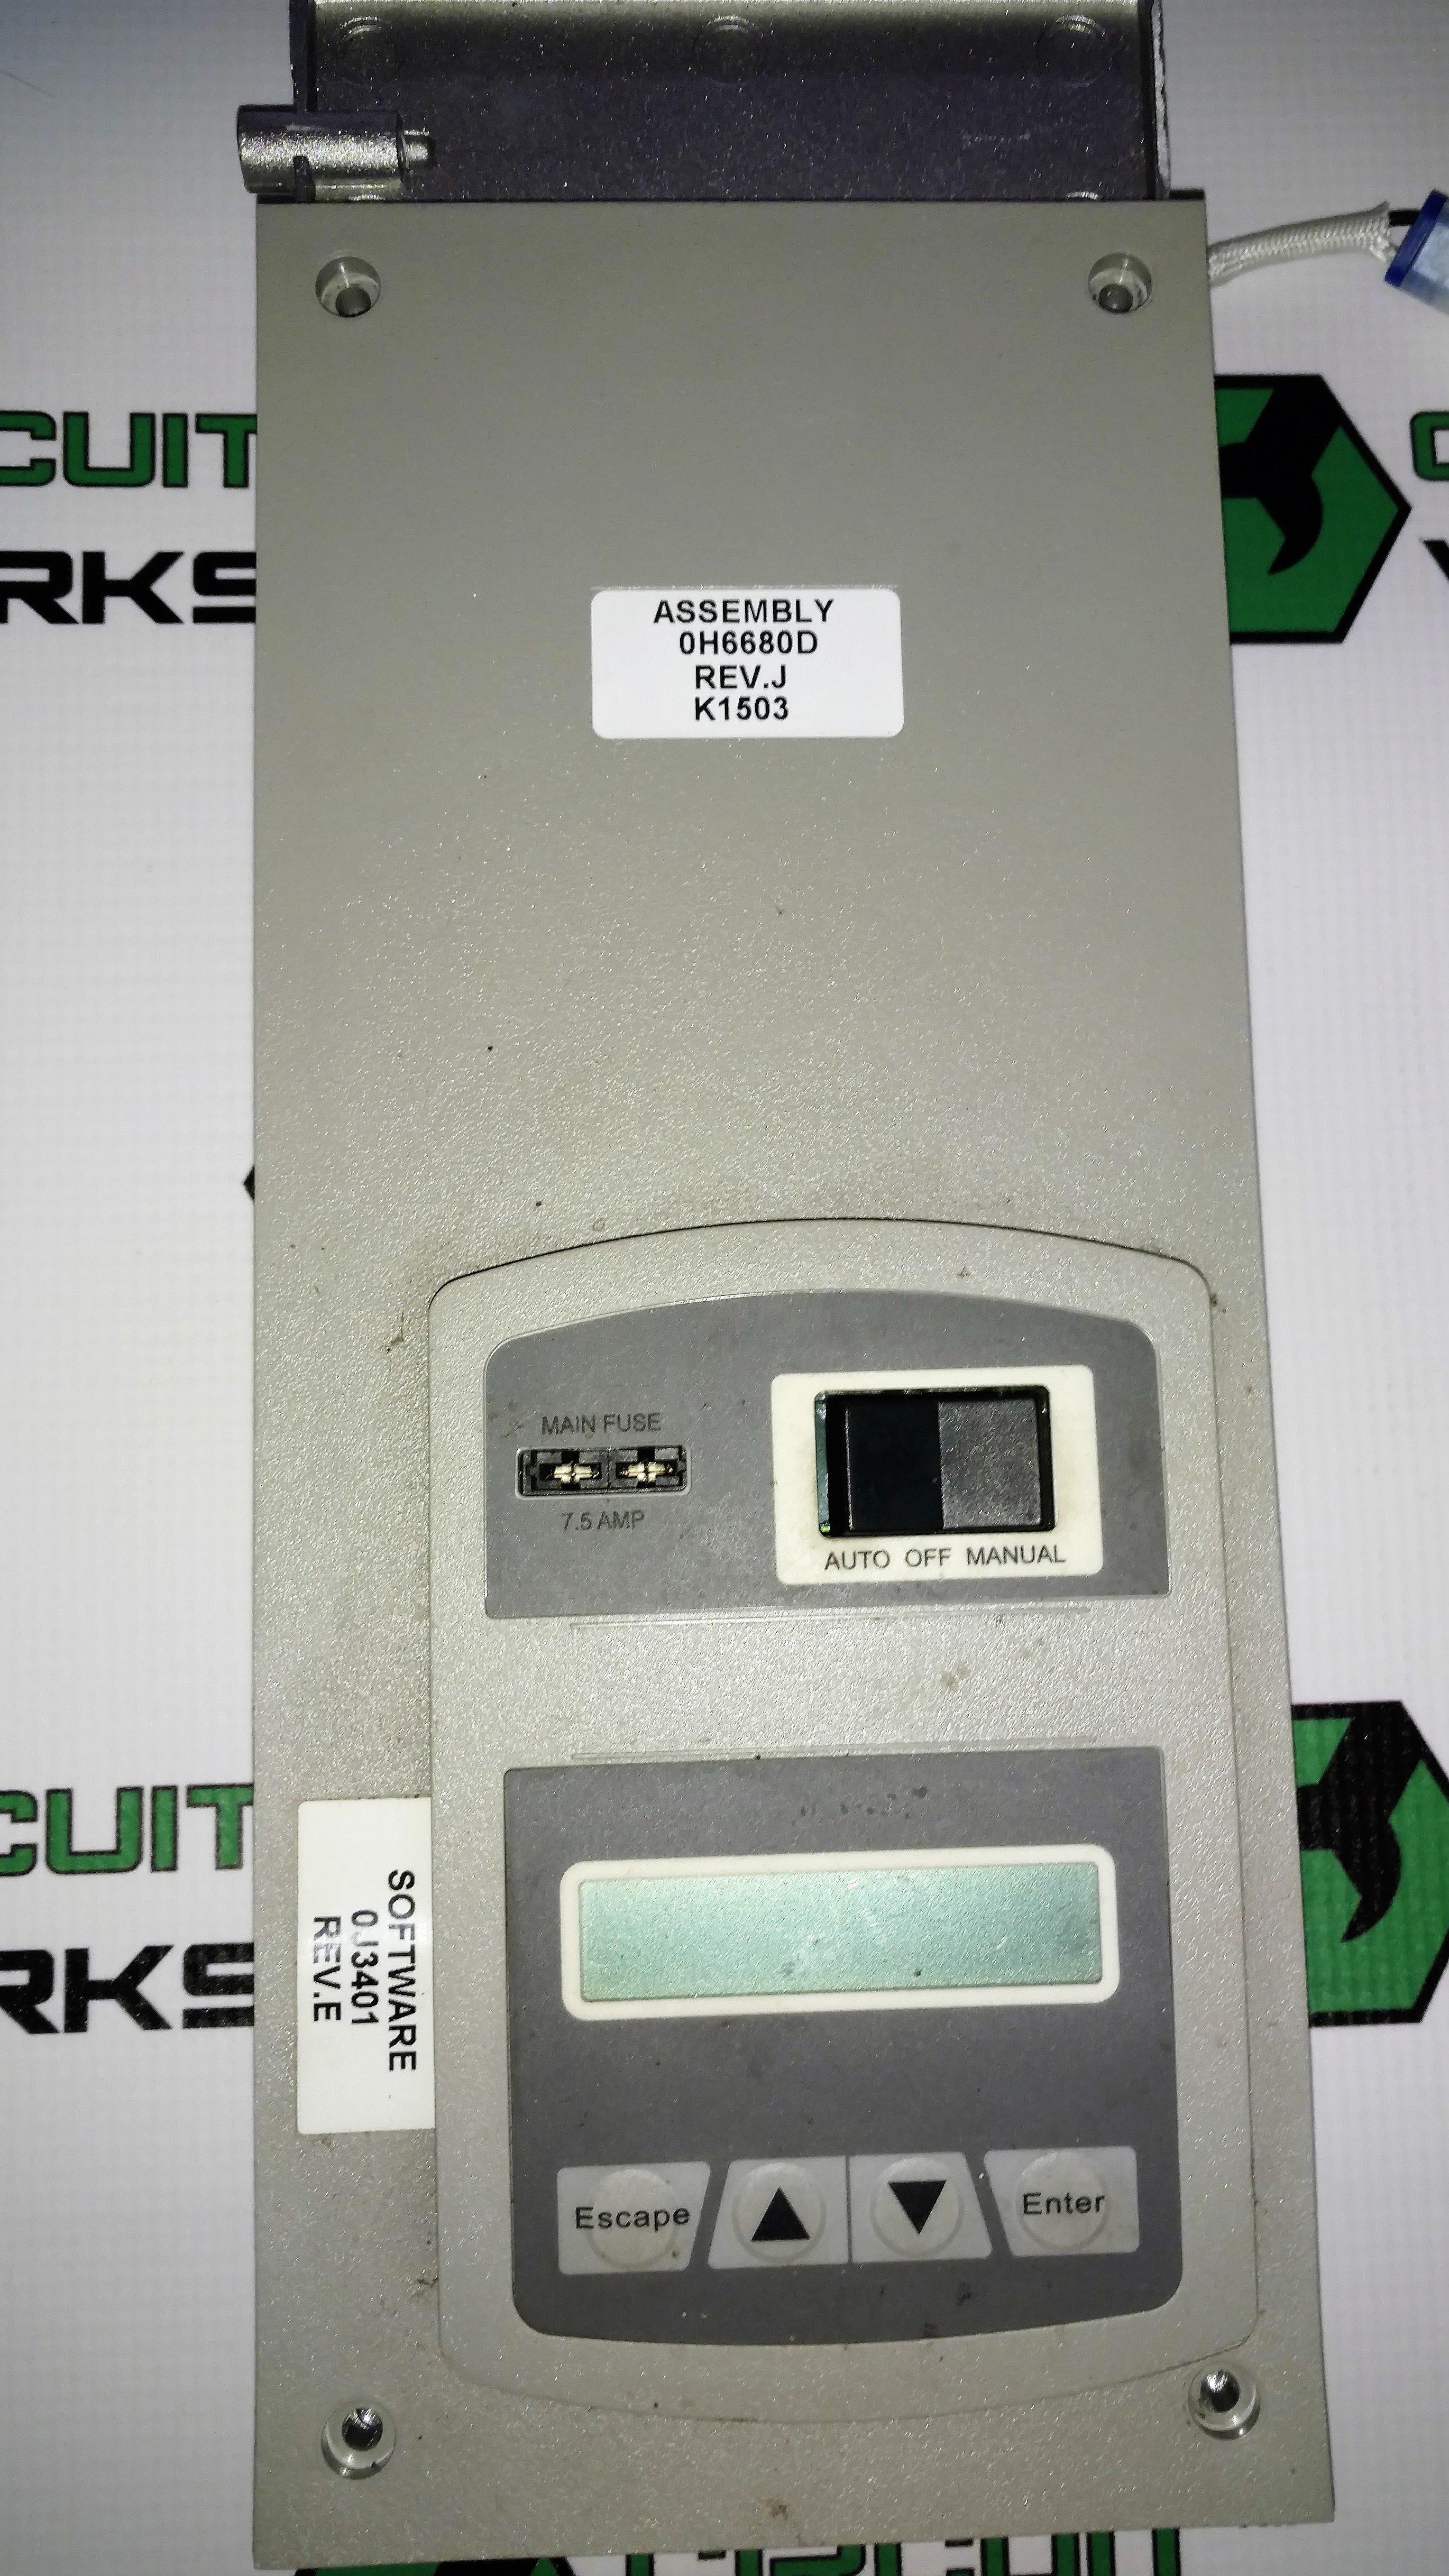 0H6680D SRV GENERAC Board - Repair 0H6680DSRV